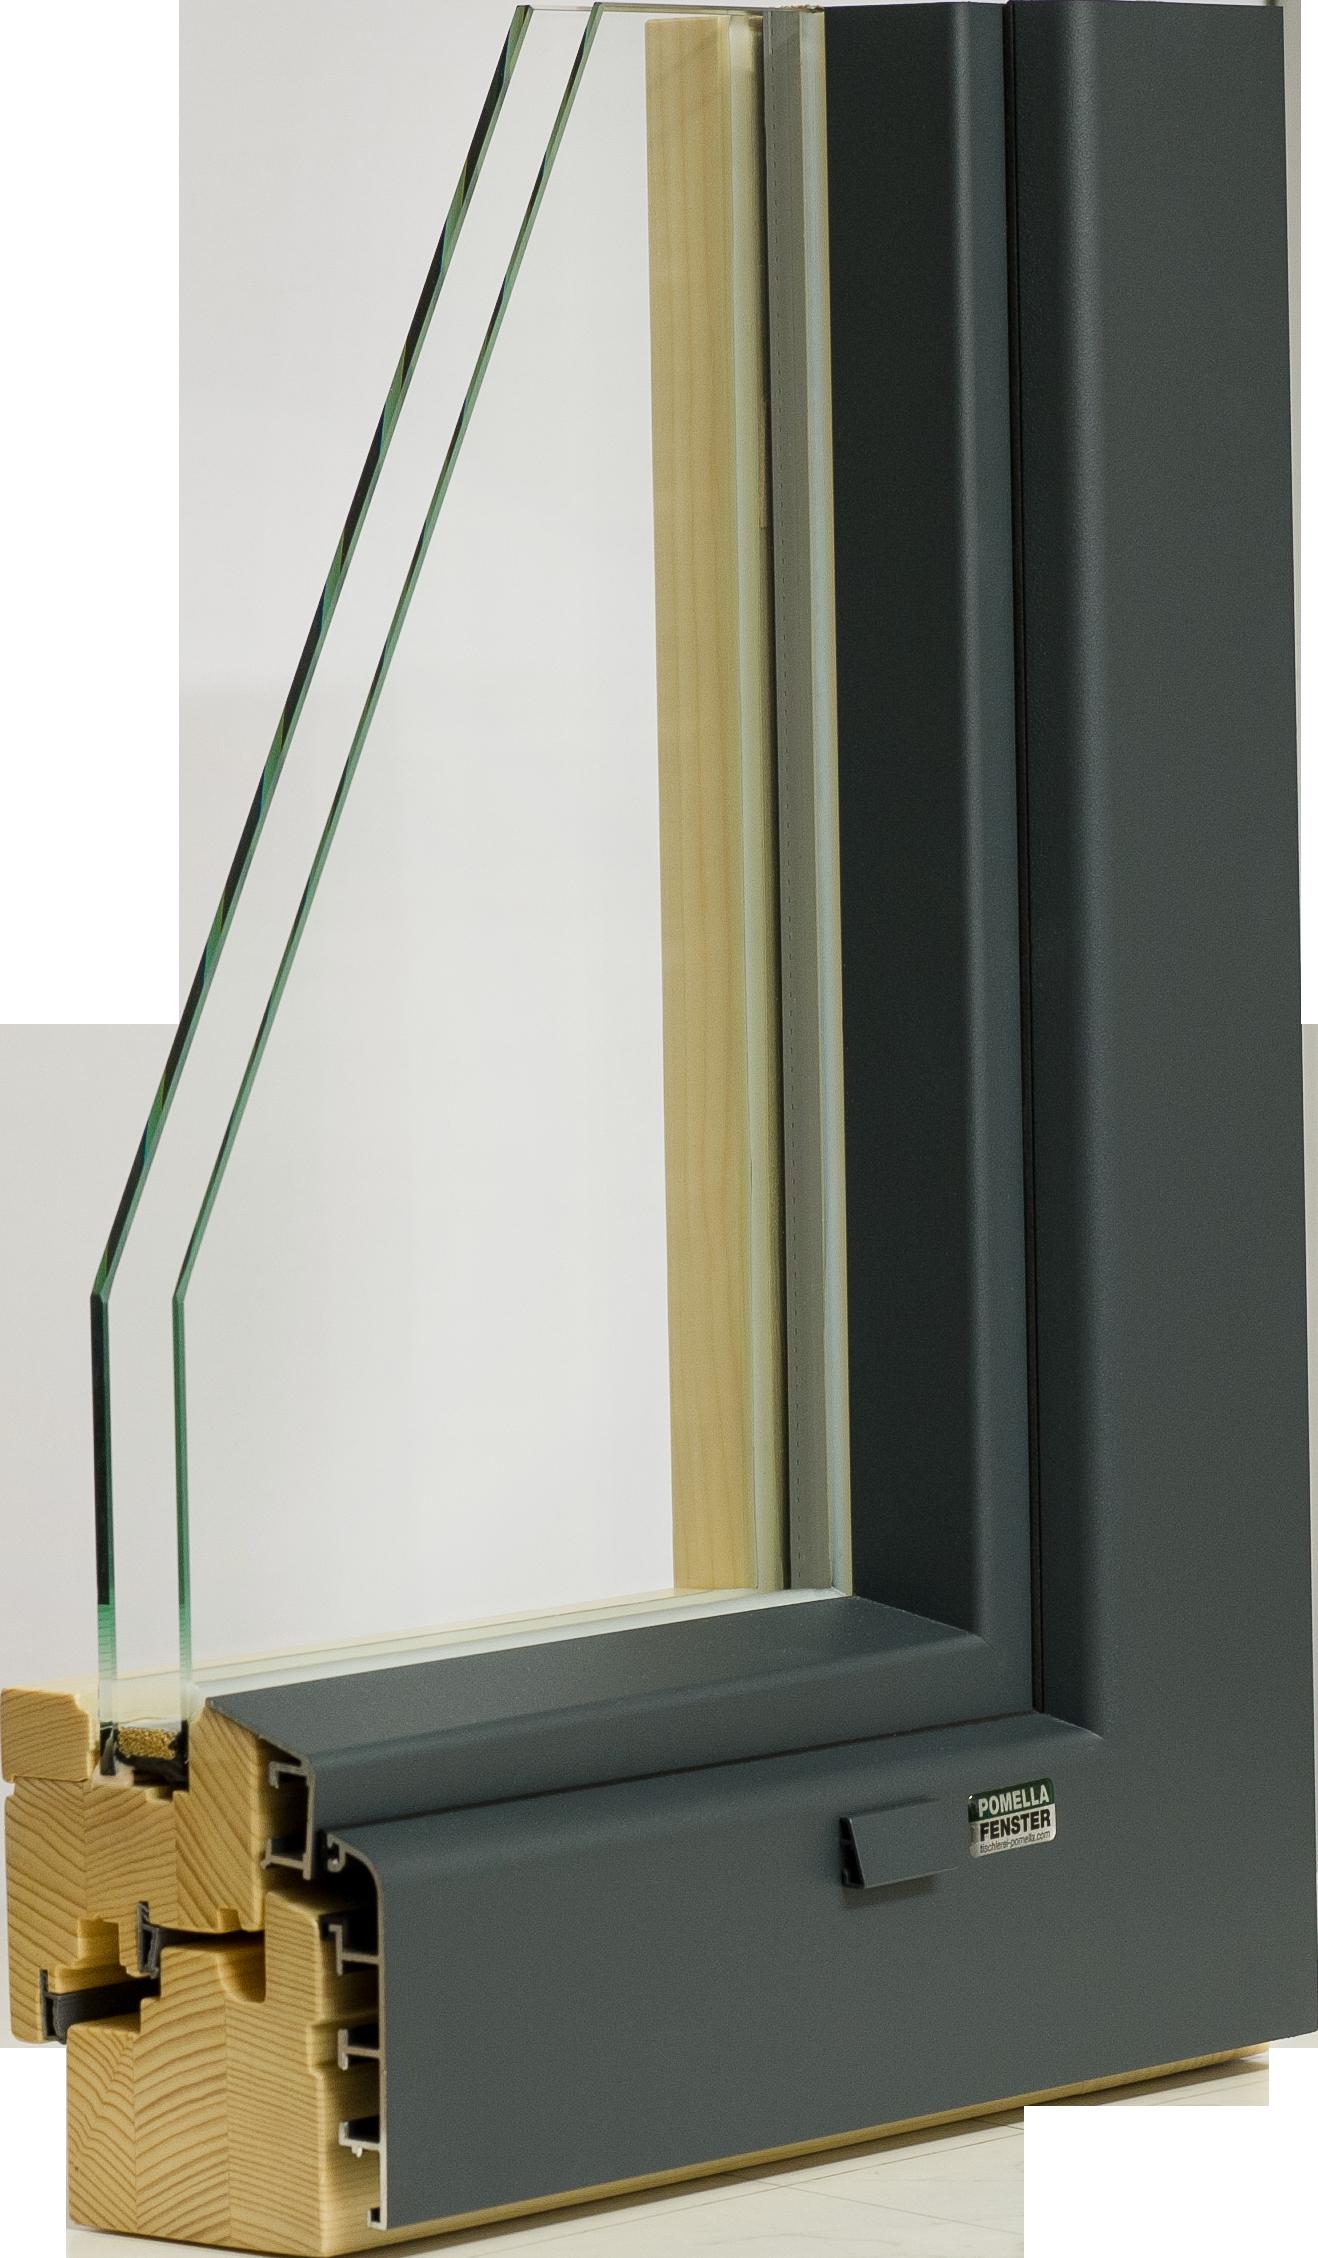 Full Size of Aluminium Fenster Holz Alu Mit 2 Fach Verglasung Aufgesetzer Jalousie Innen Sichtschutzfolien Für Rundes Drutex Fliegengitter Dänische Bremen Alte Kaufen Fenster Aluminium Fenster